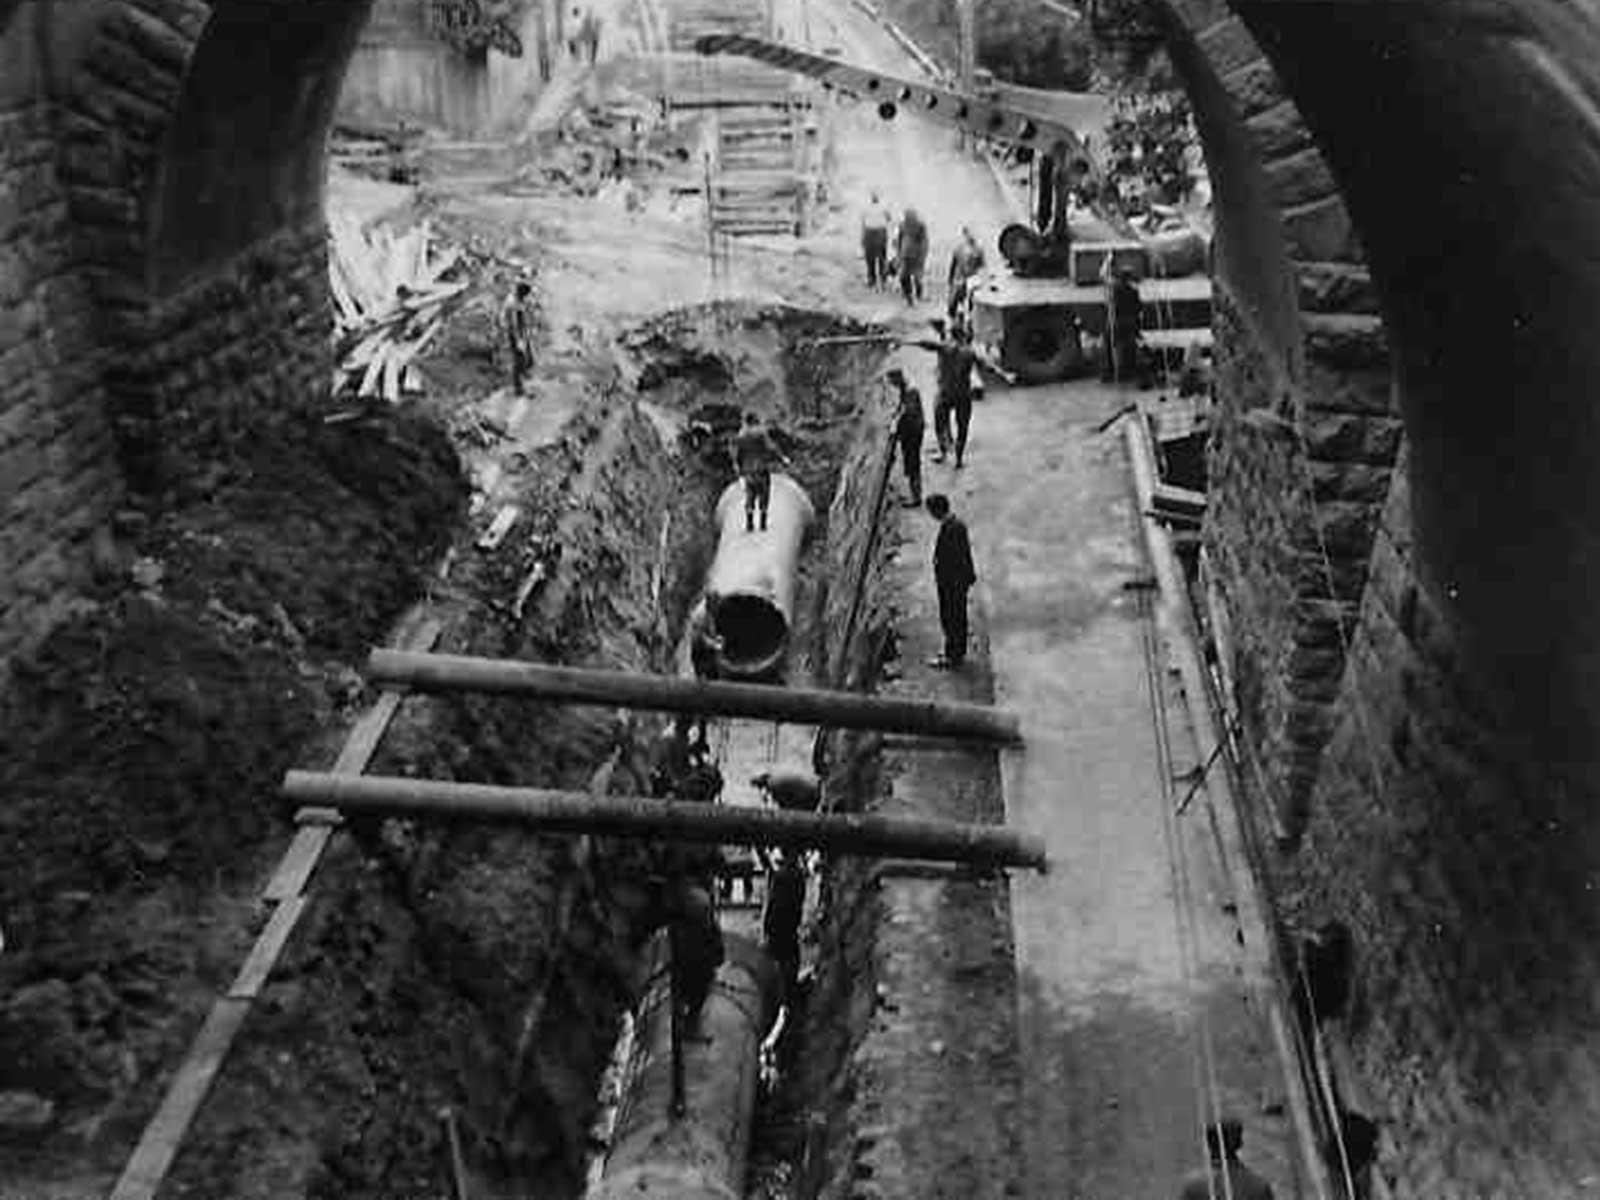 Von der Abflussrinne zur Zentralkläranlage: Werfen Sie einen Blick in die Geschichte der Abwasserentsorgung.